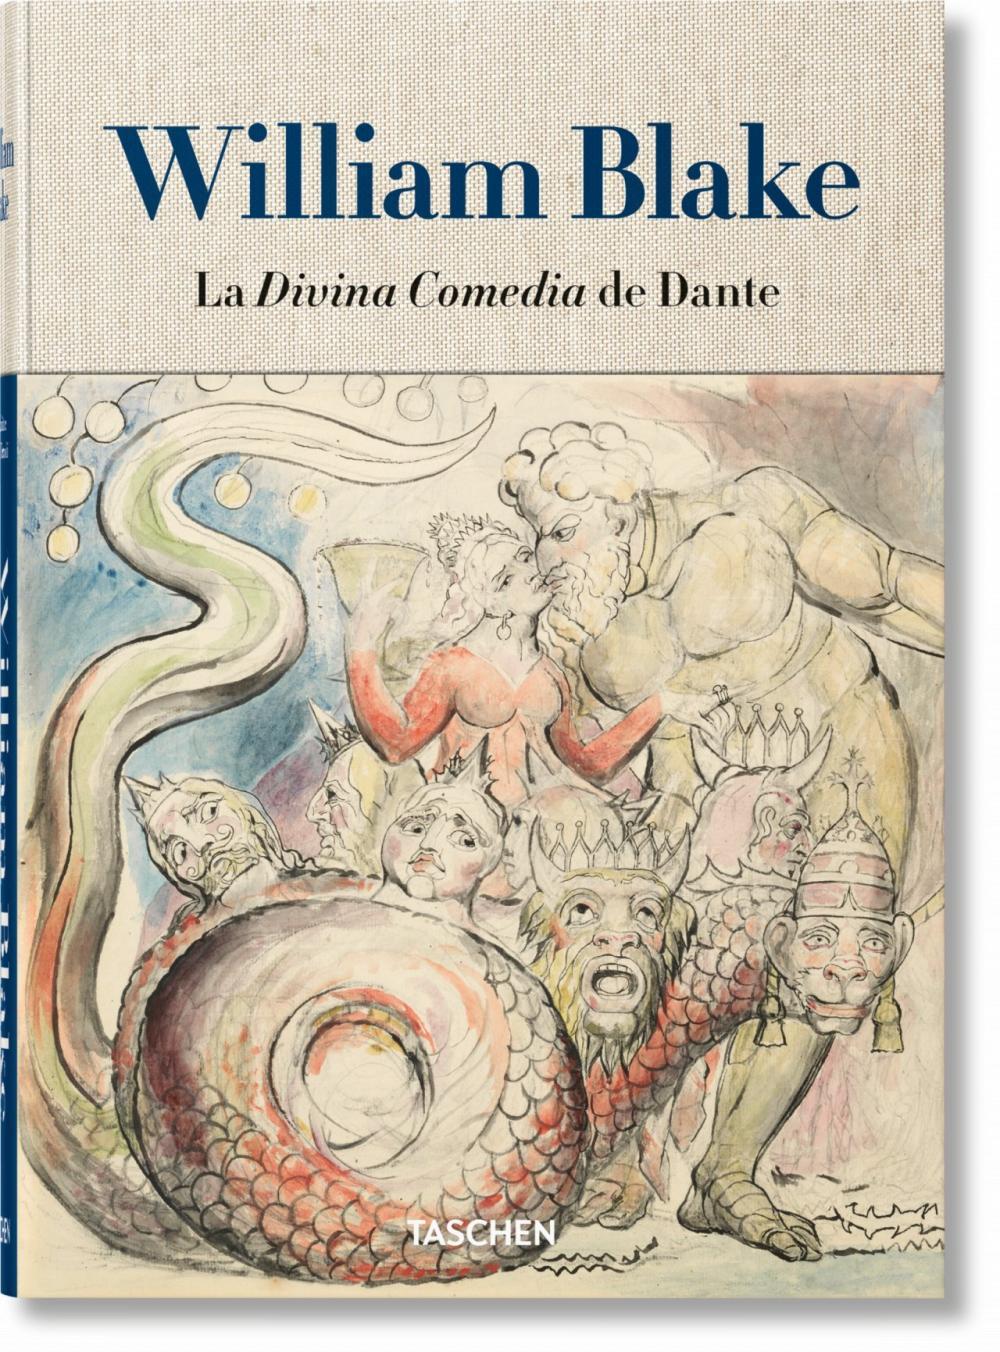 William Blake. La Divina Comedia de Dante. Los dibujos completos